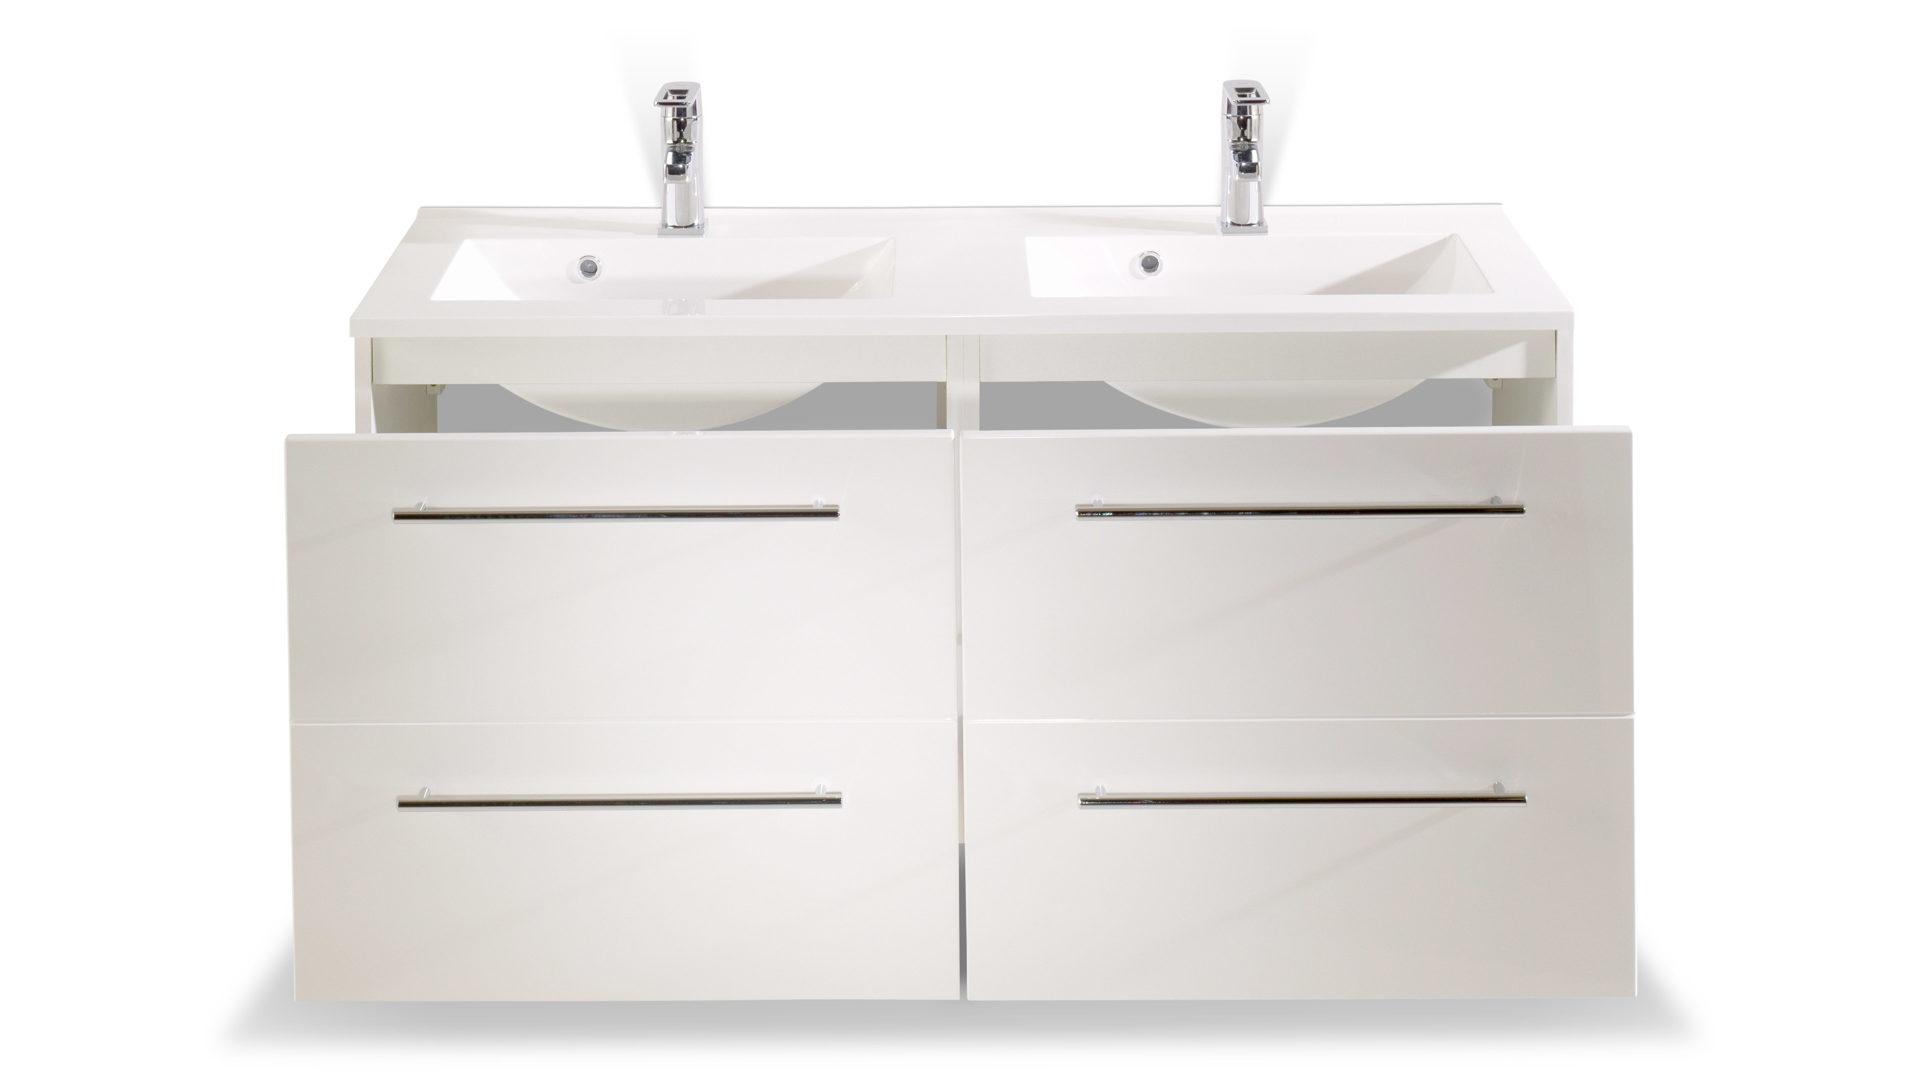 Waschtisch-Set Mailand als modernes Badezimmermöbel , weiße ...